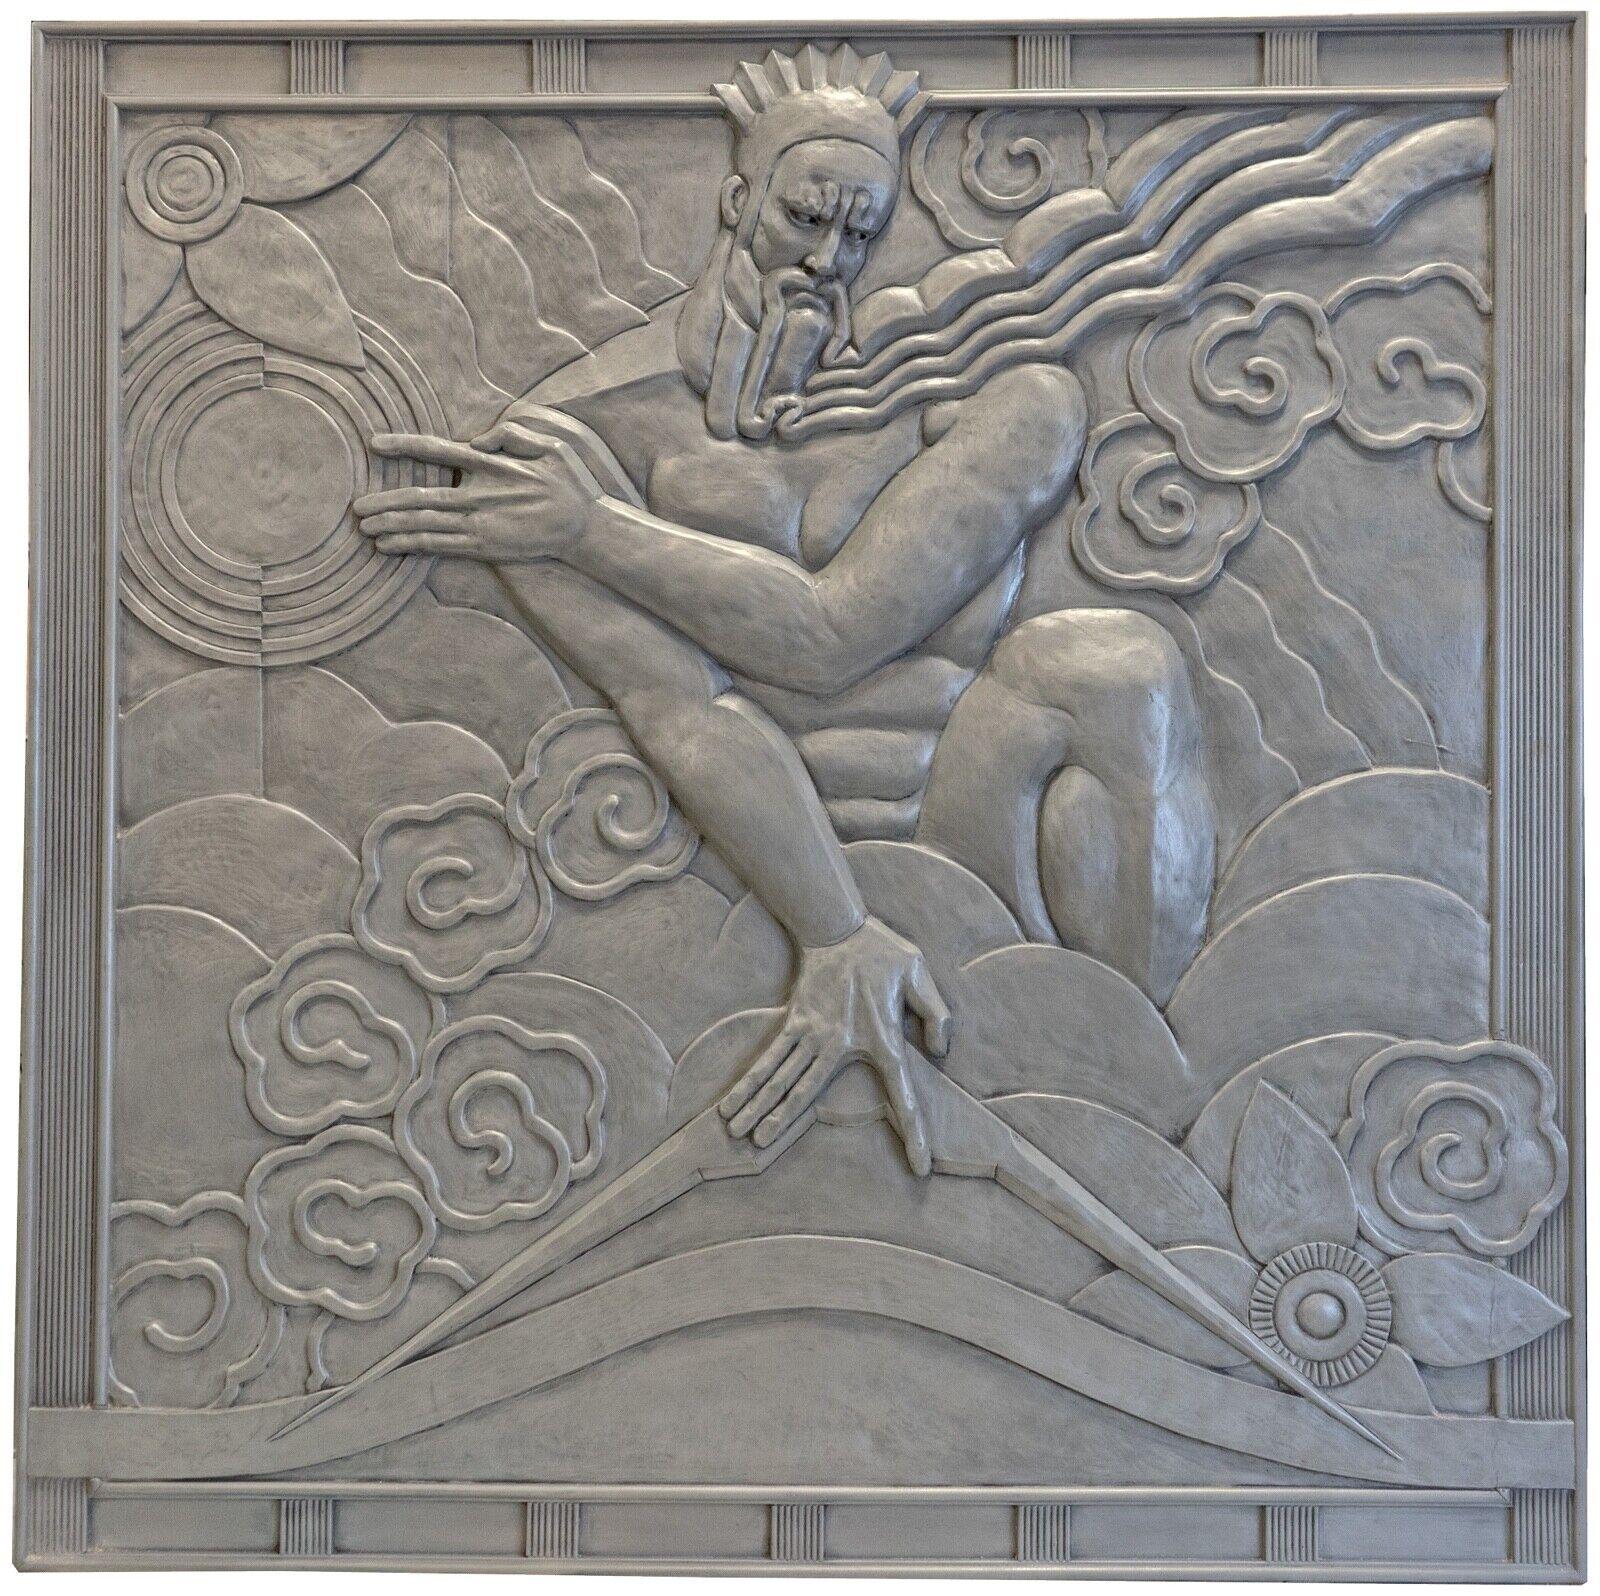 IMPORTANT Art Deco Catalogs Of Estate Sale Relief Panels Rockerfeller  Center